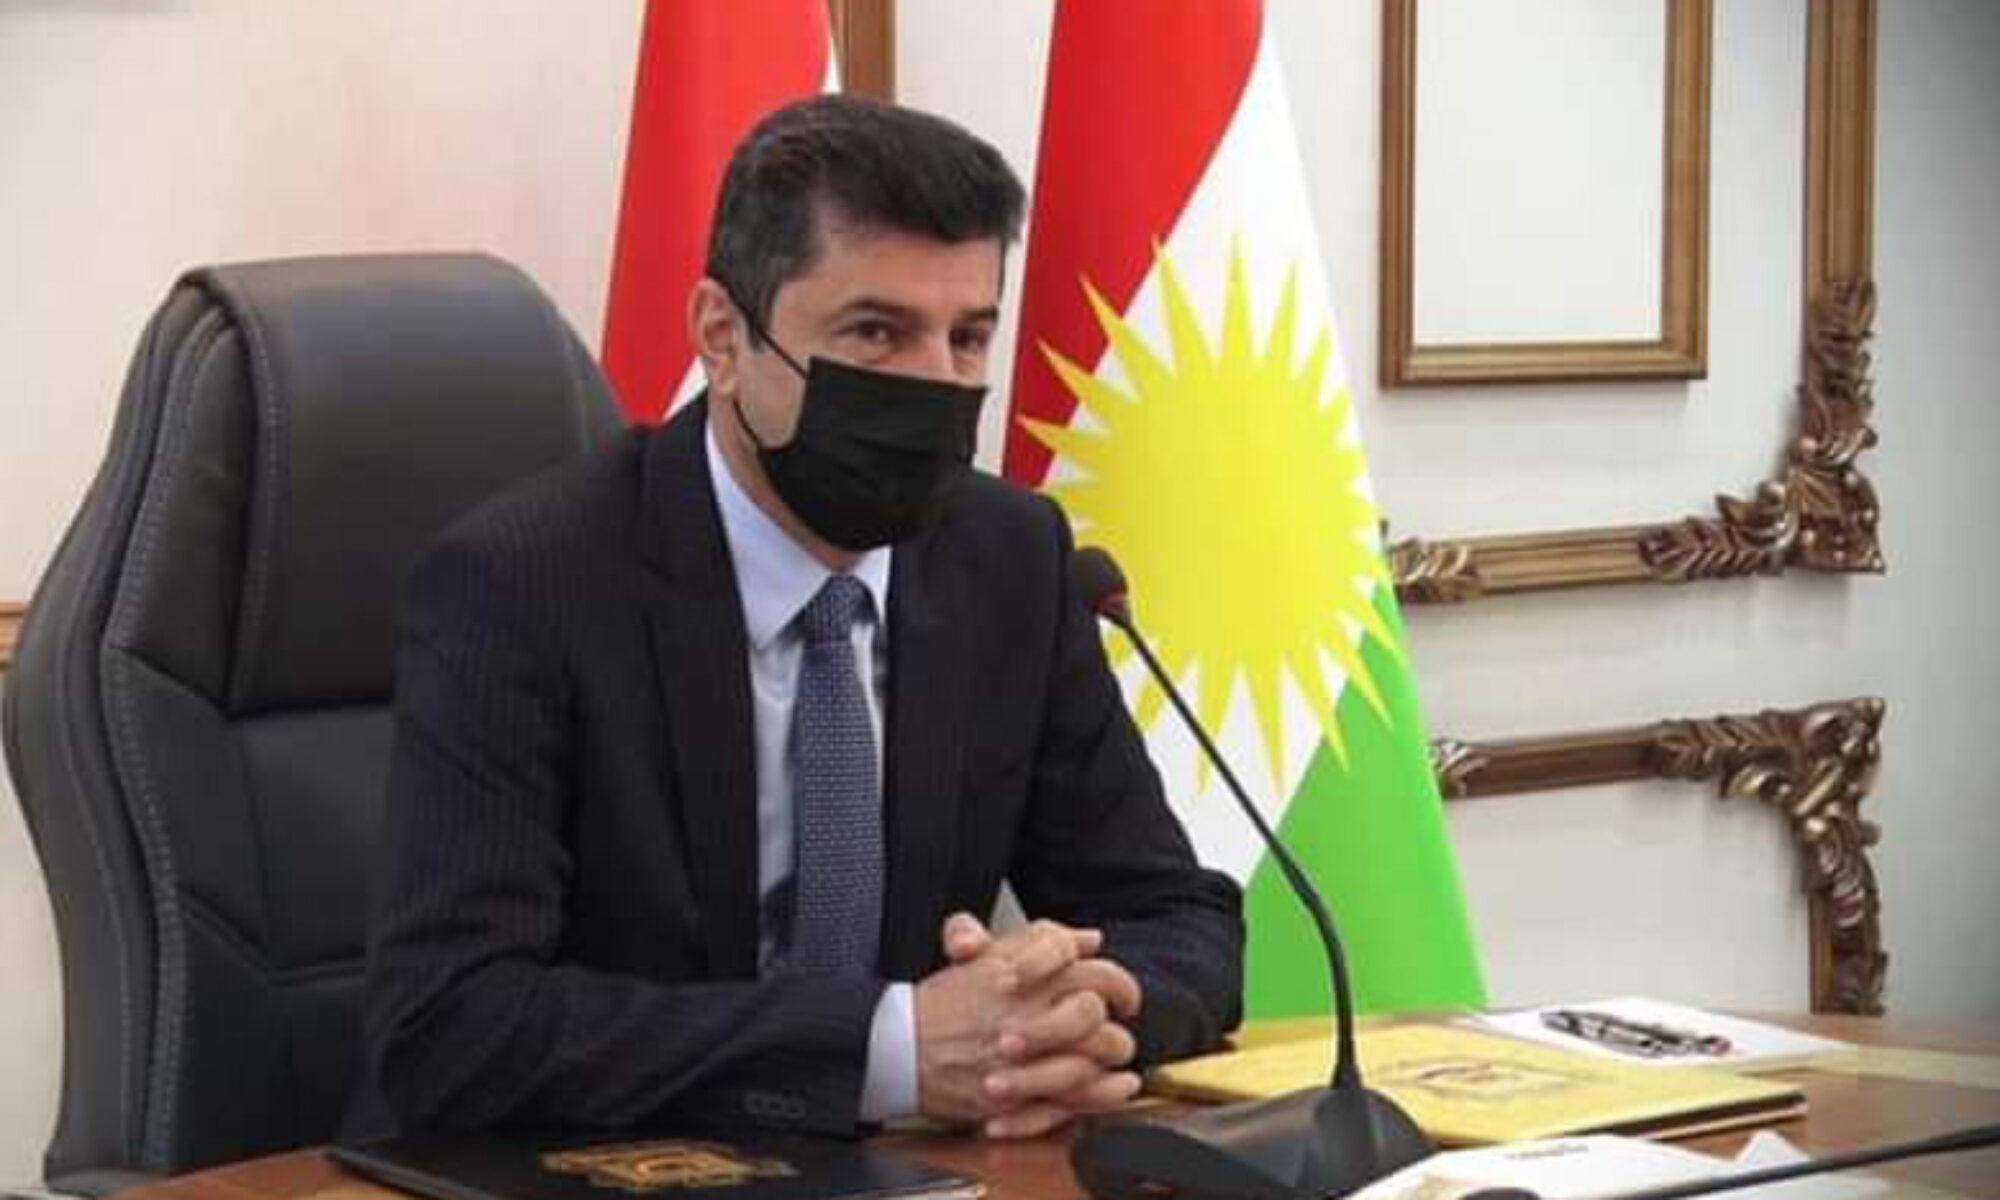 Duhok Valisi Ali Tatar 3 sivilin yaralandığı olaya ilişkin konuştu: Olay PKK'nin etkili olduğu alanda gerçekleşti